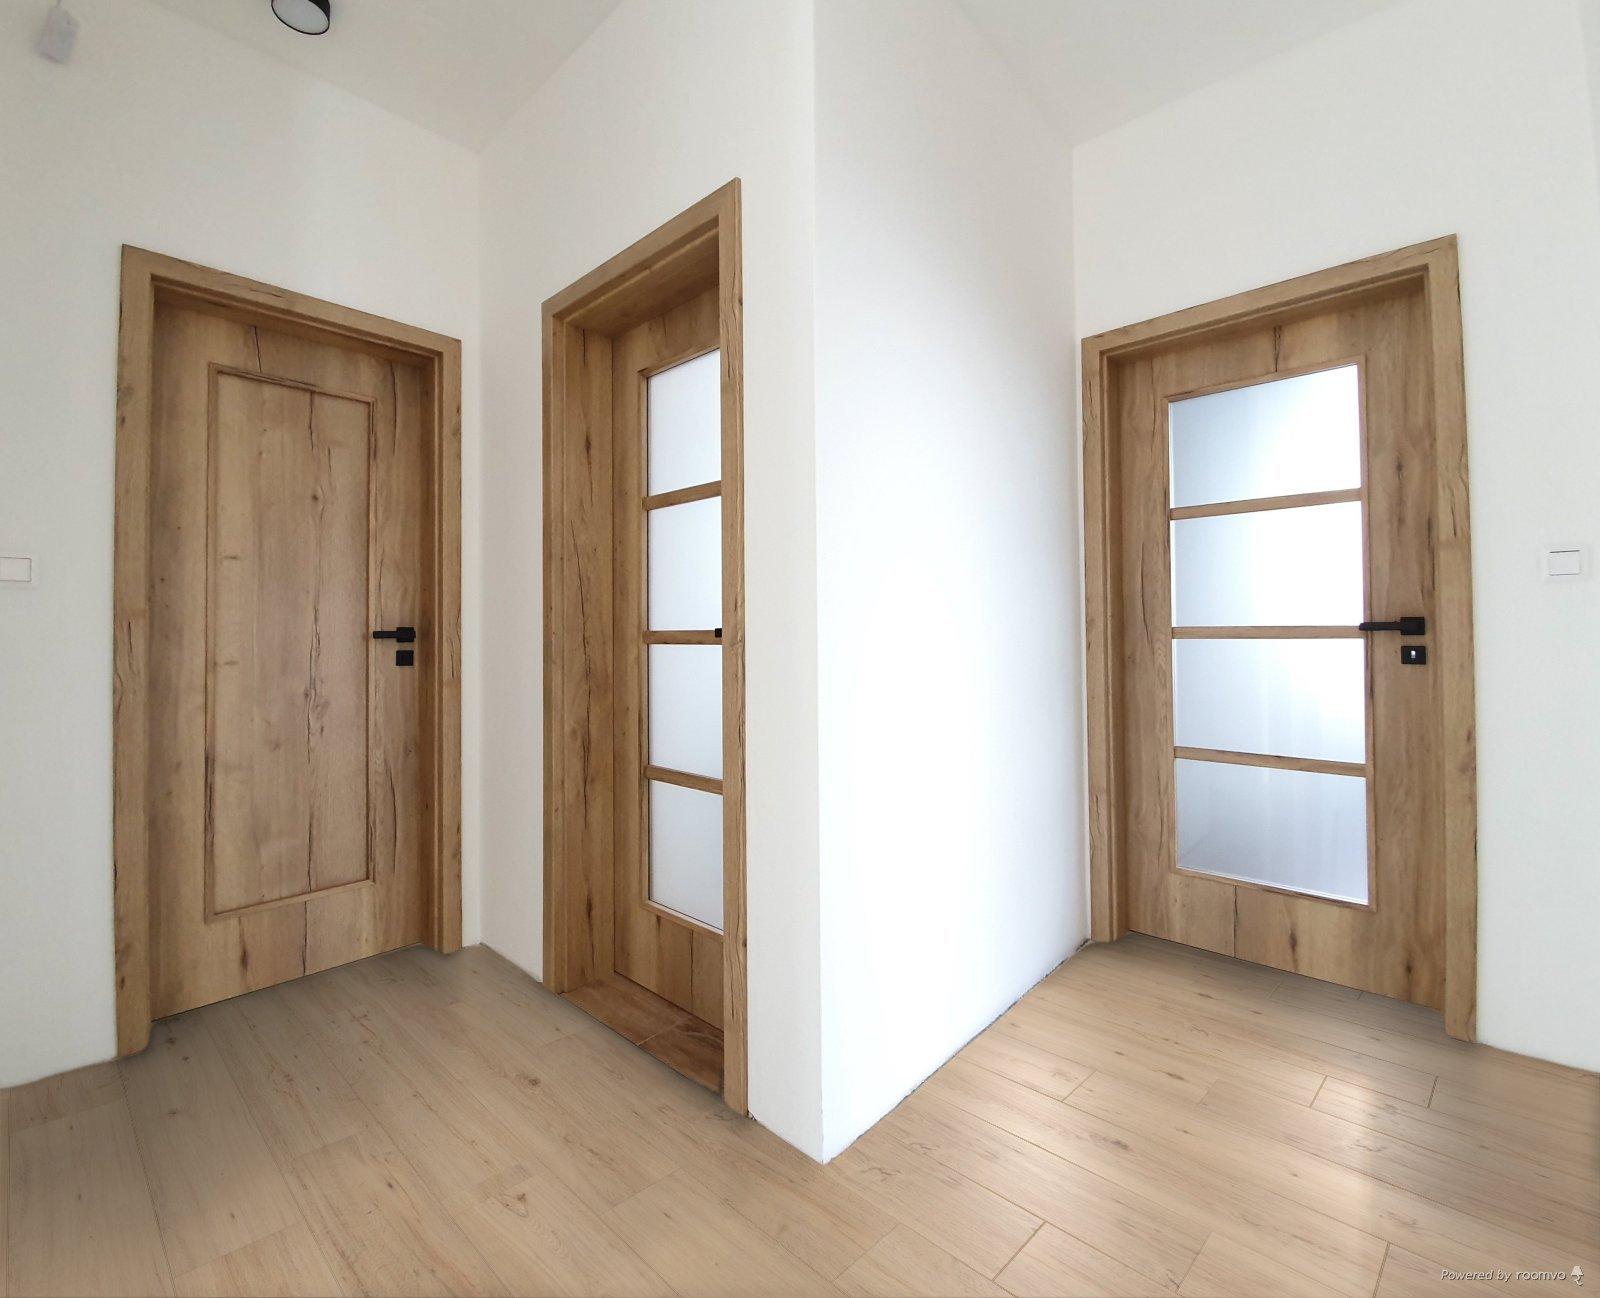 Co vyberem za dvere? - Obrázek č. 21